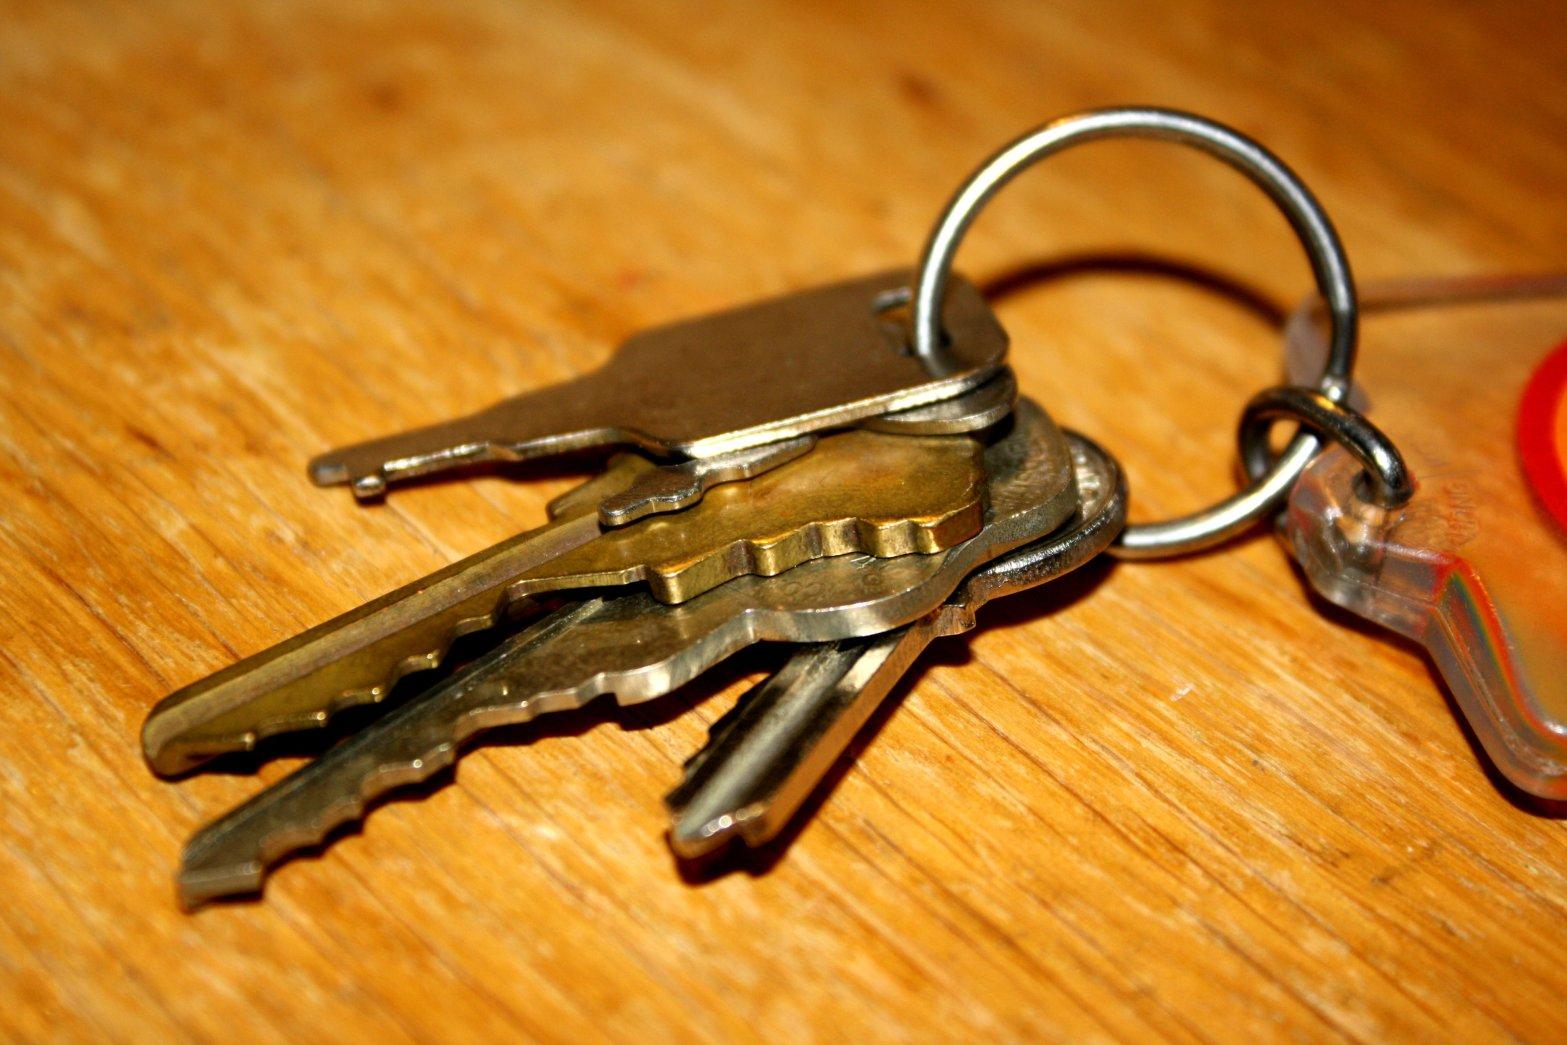 Anahtar ile ilgili anlamlı ve güzel sözler